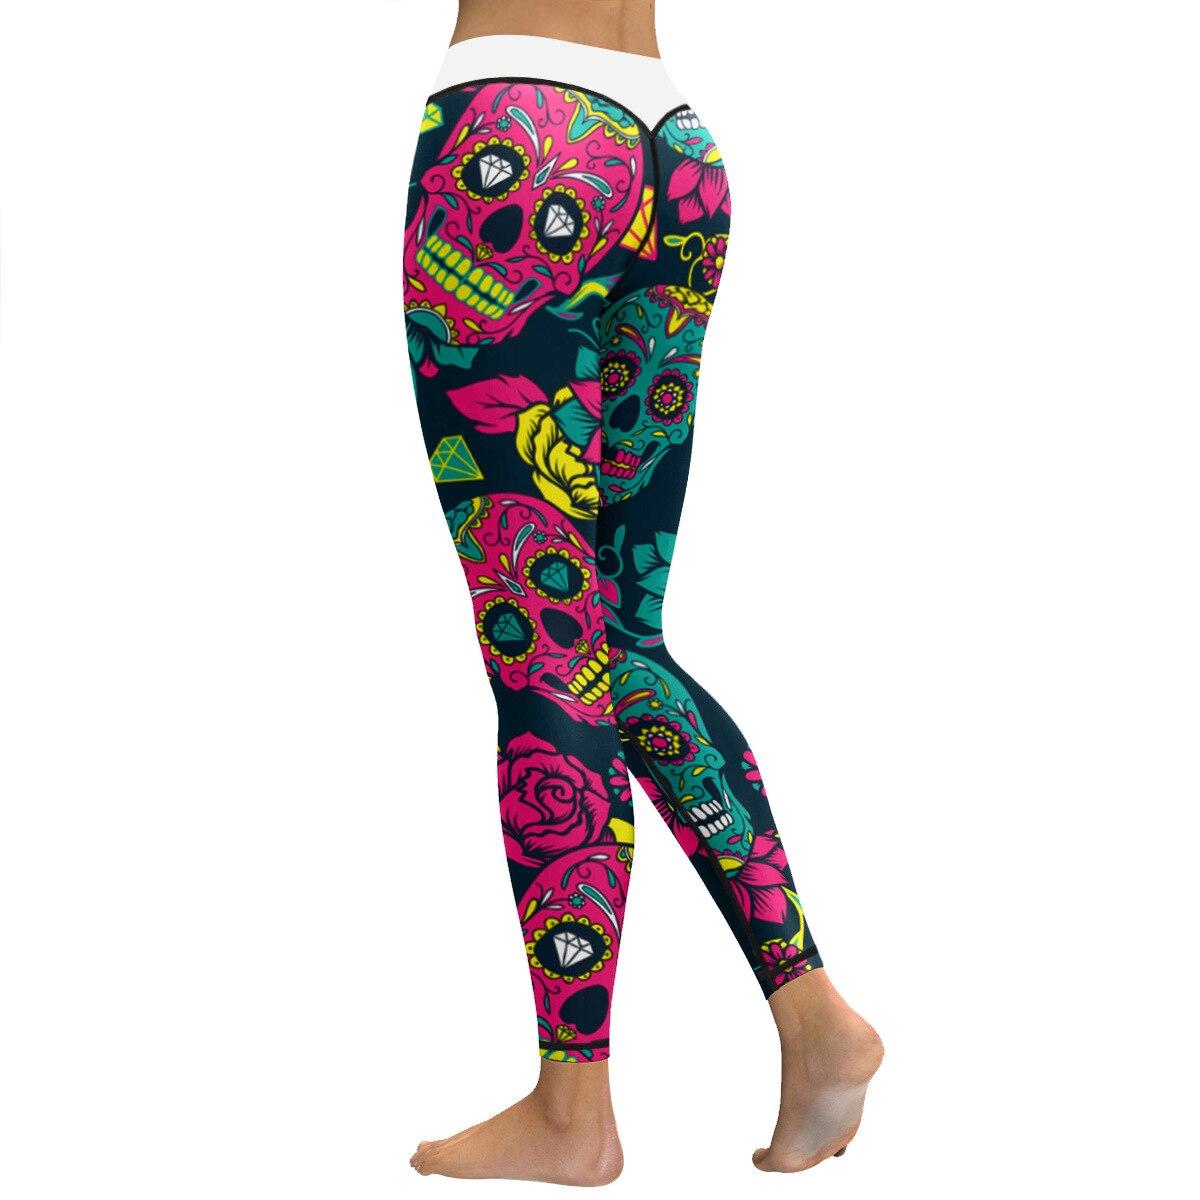 87f72687956c4 US $20.99 |JIGERJOGER Mint grün Push up Herz Legging Skeleton schädel  Halloween serie Sport Yoga Hosen Training pro power fitness leggings in ...